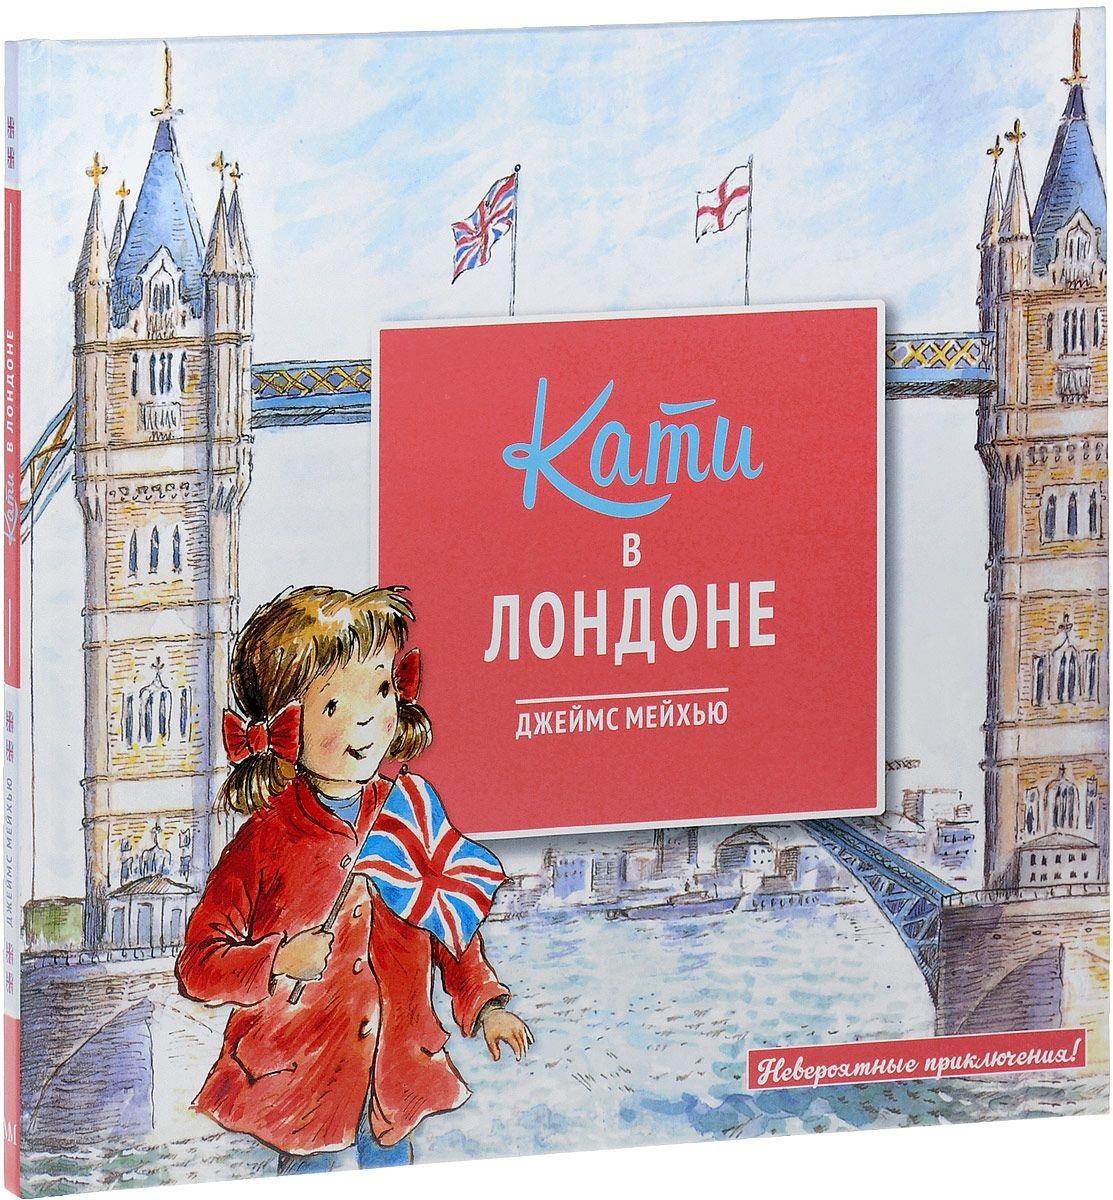 Мейхью Дж. Кати в Лондоне мейхью джеймс кати в картинной галерее